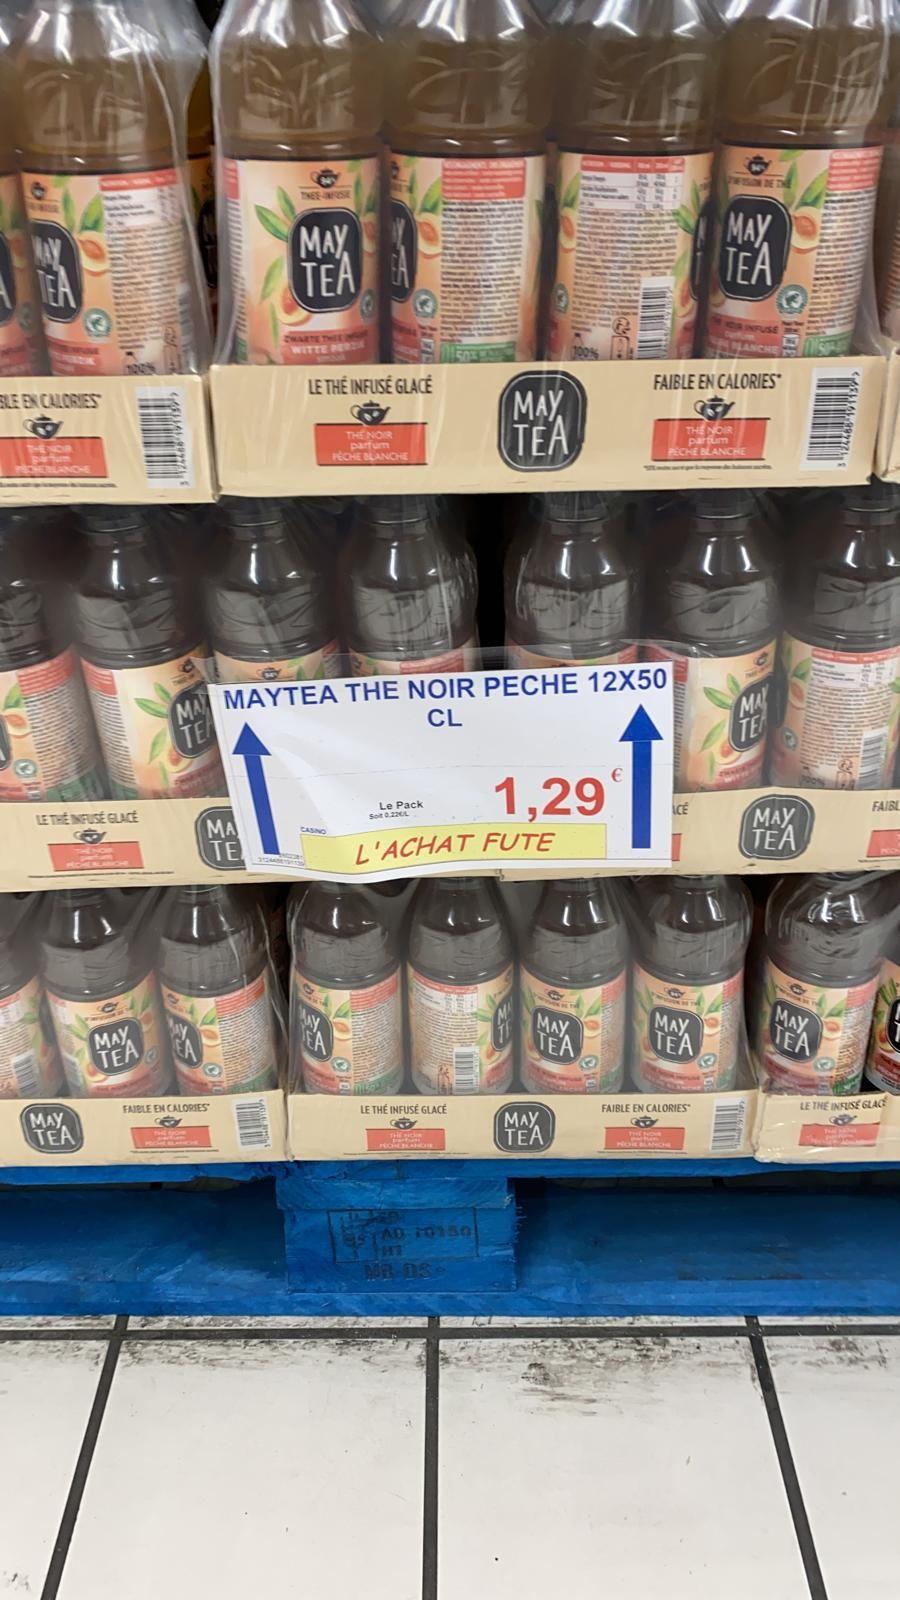 Sélection d'articles en promotion - Ex : Bouteille de May Tea Noir Pêche (Halles Market Aulnay-sous-Bois - 93)